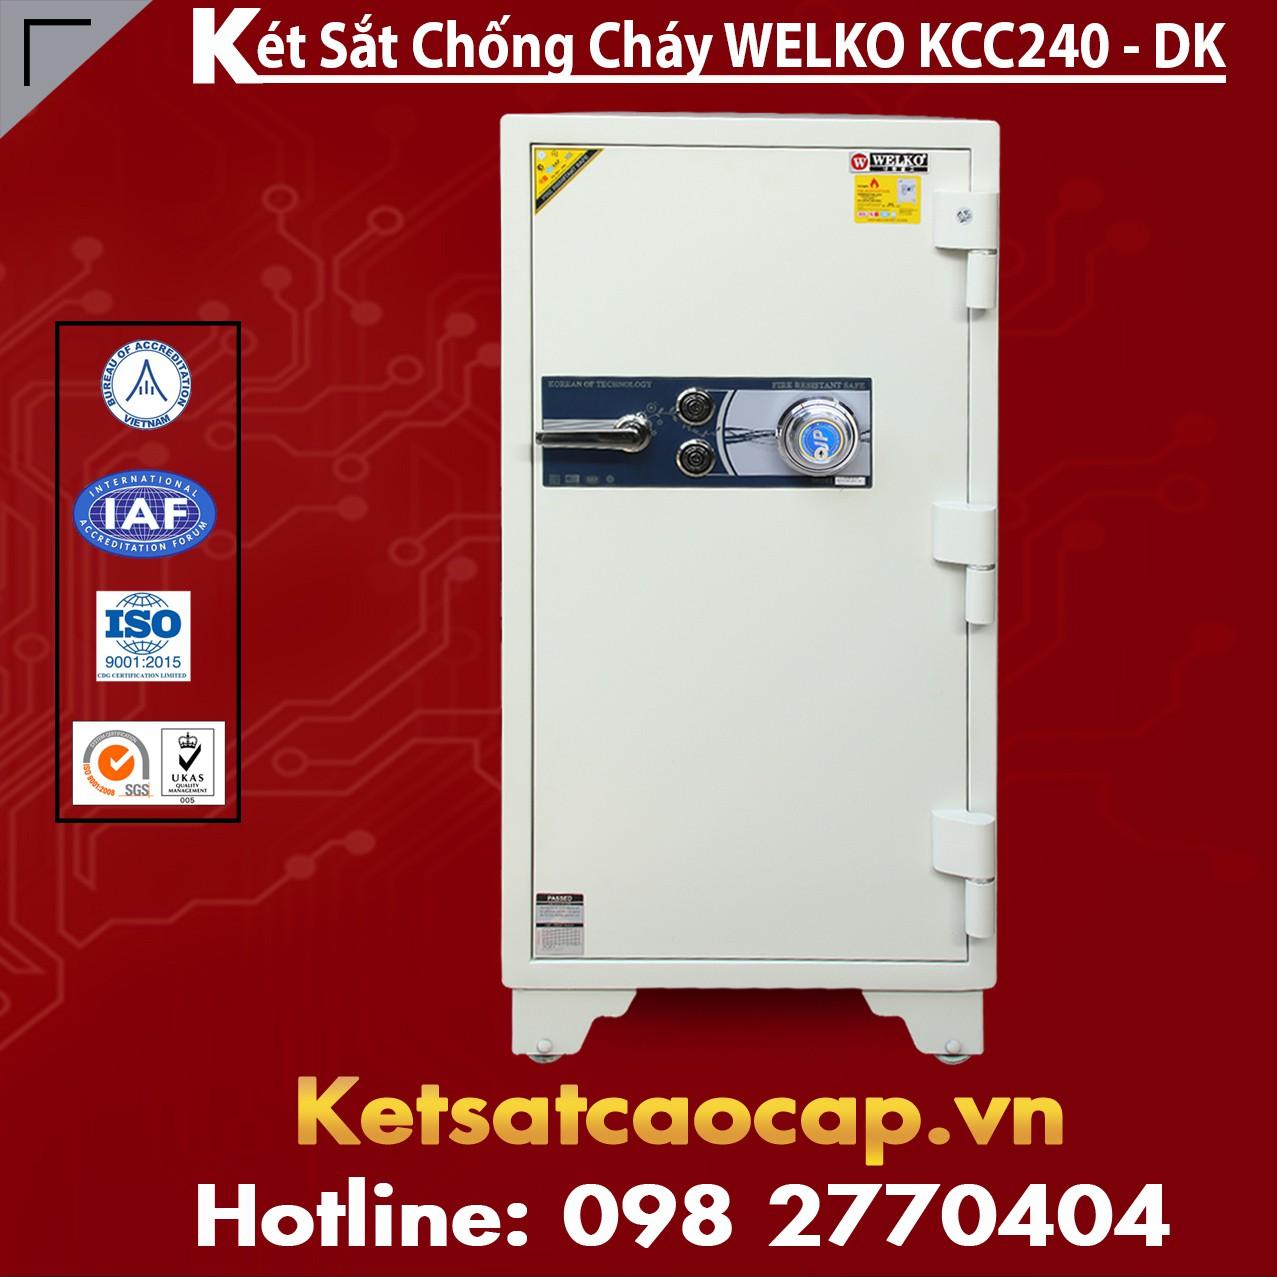 Két Sắt Sài Gòn KCC240 - DK